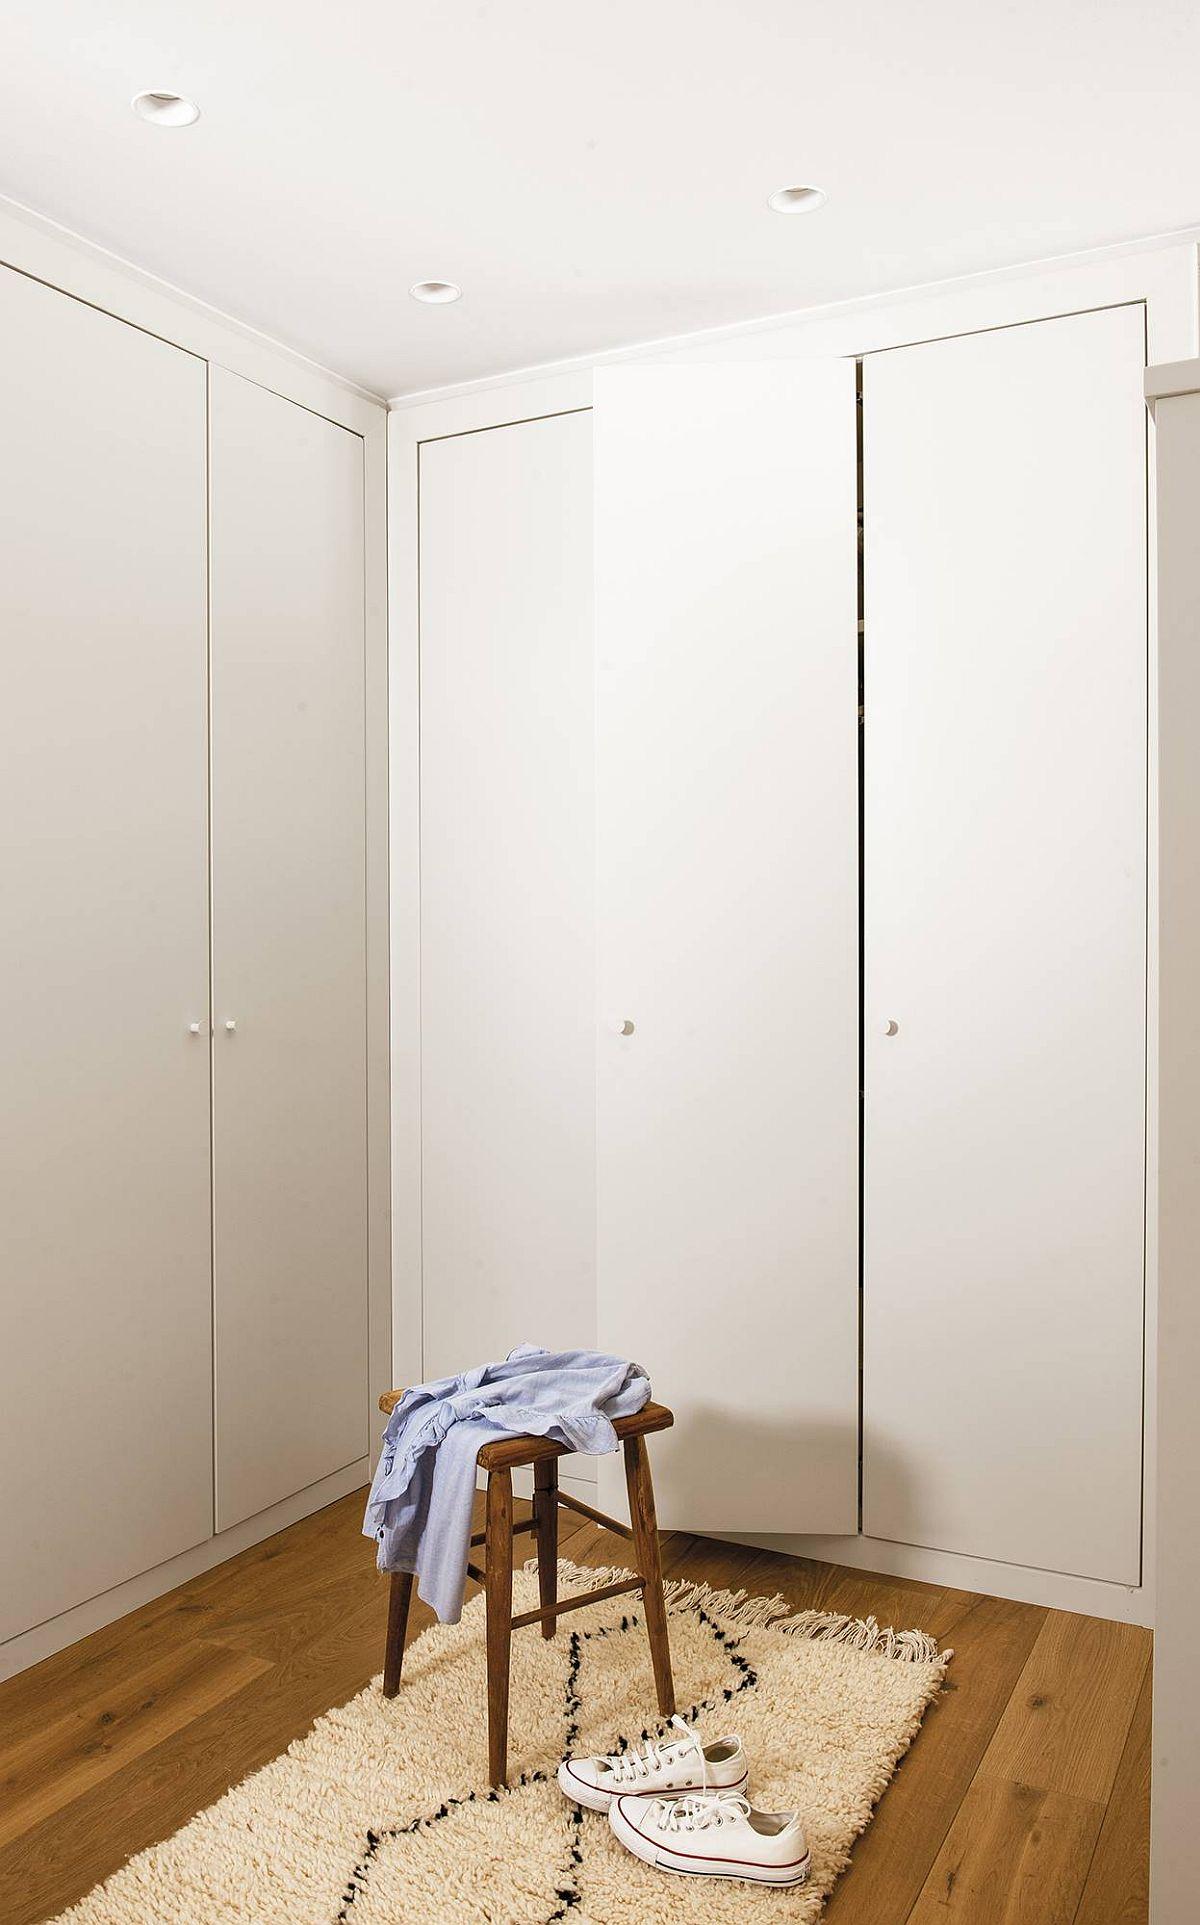 Dressingul este gîndit cu dulapuri încastrate, totul tratat simplu, curat cu uși albe. Nu doar că este mai puțin costisitoare soluția, dar este și mai odihnitoare vizual.